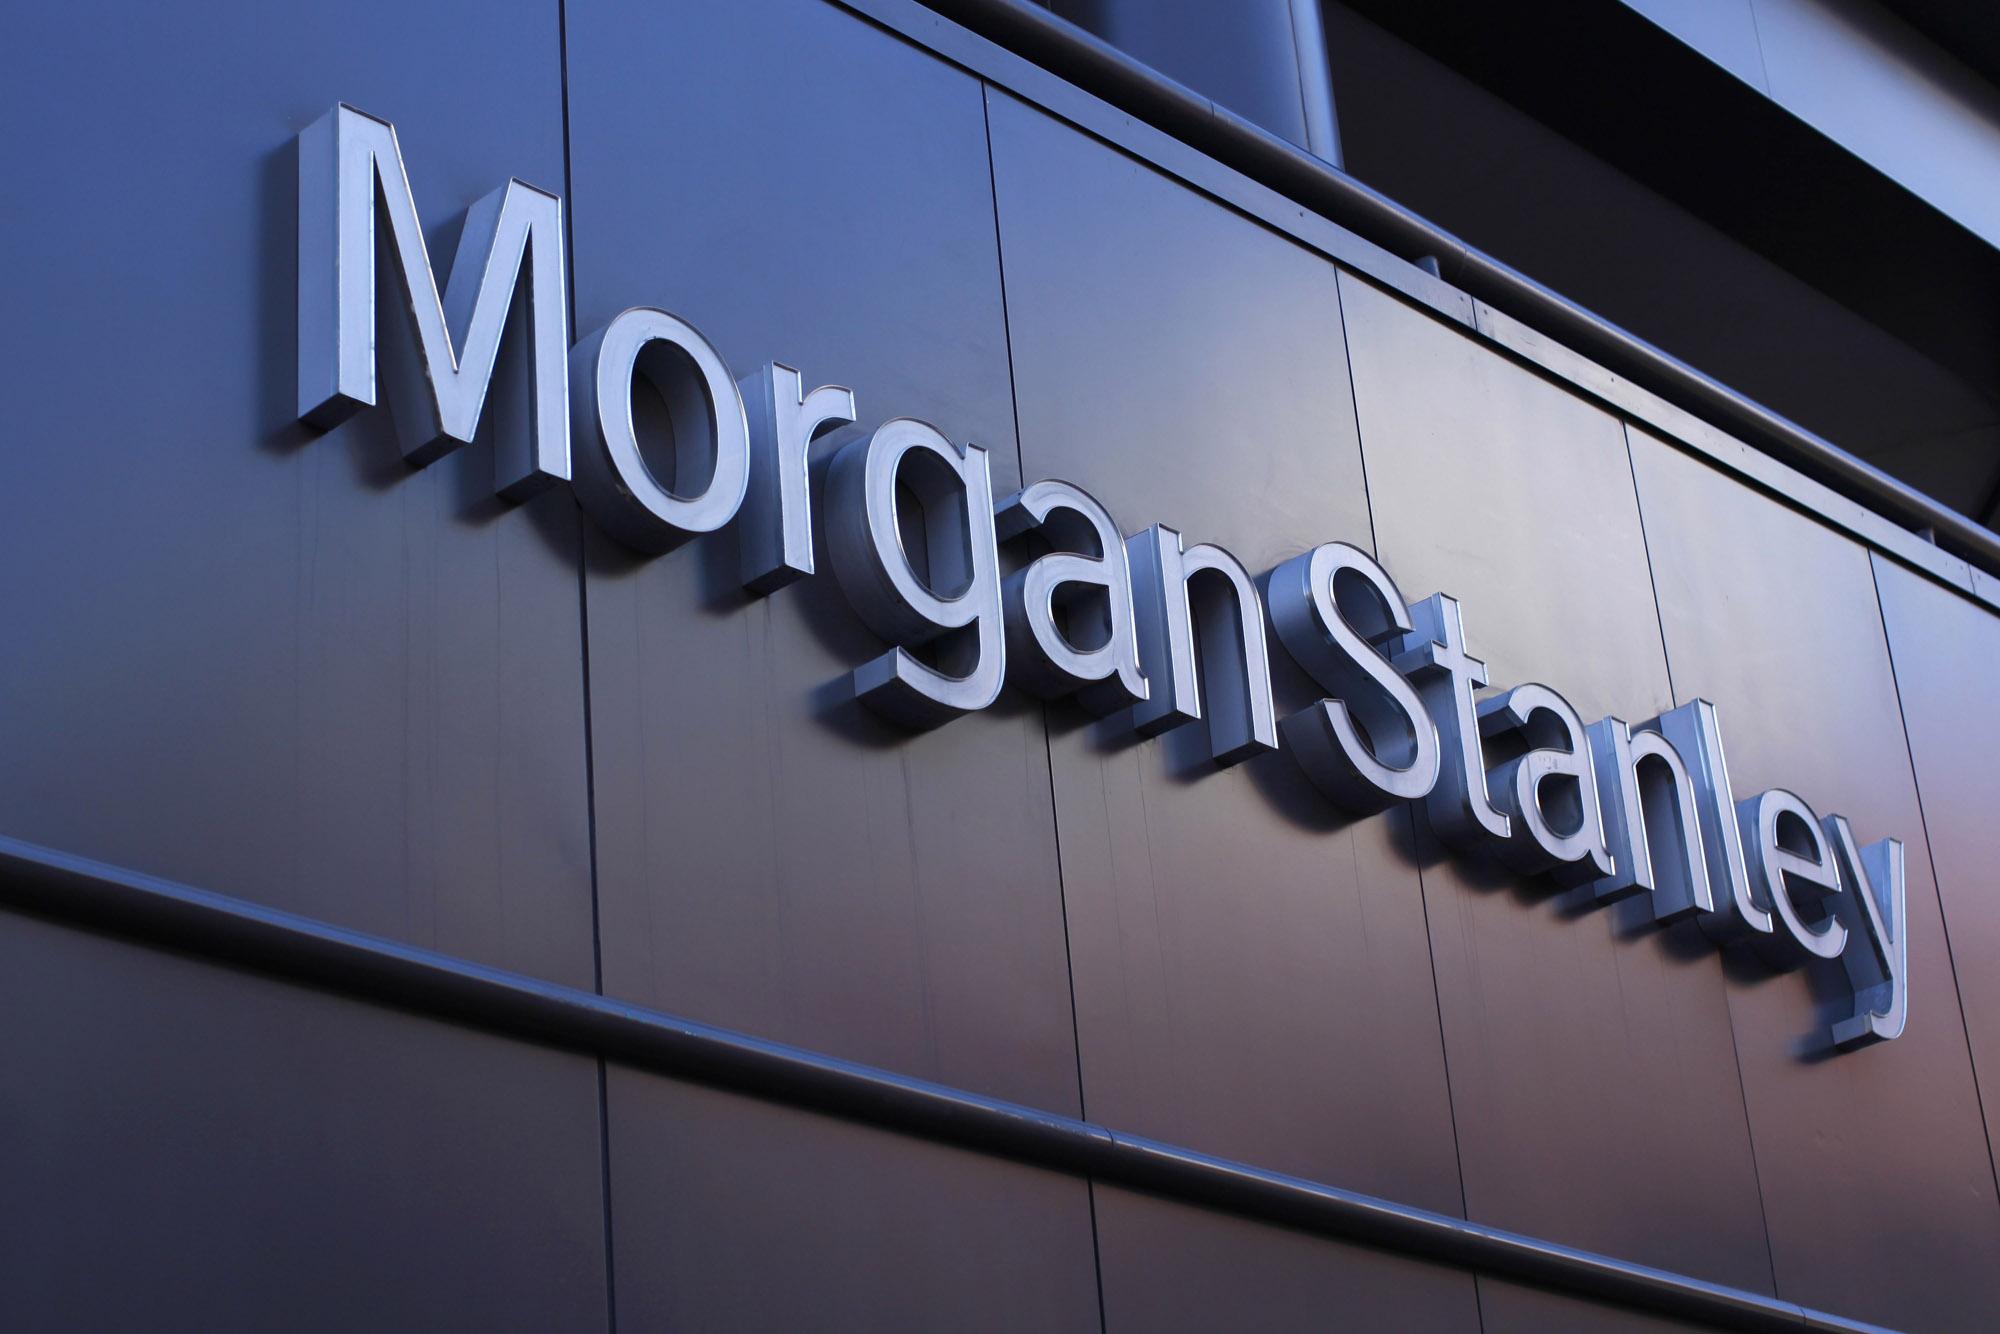 Morgan-Stanley-Senior-Bankers-are-leaving